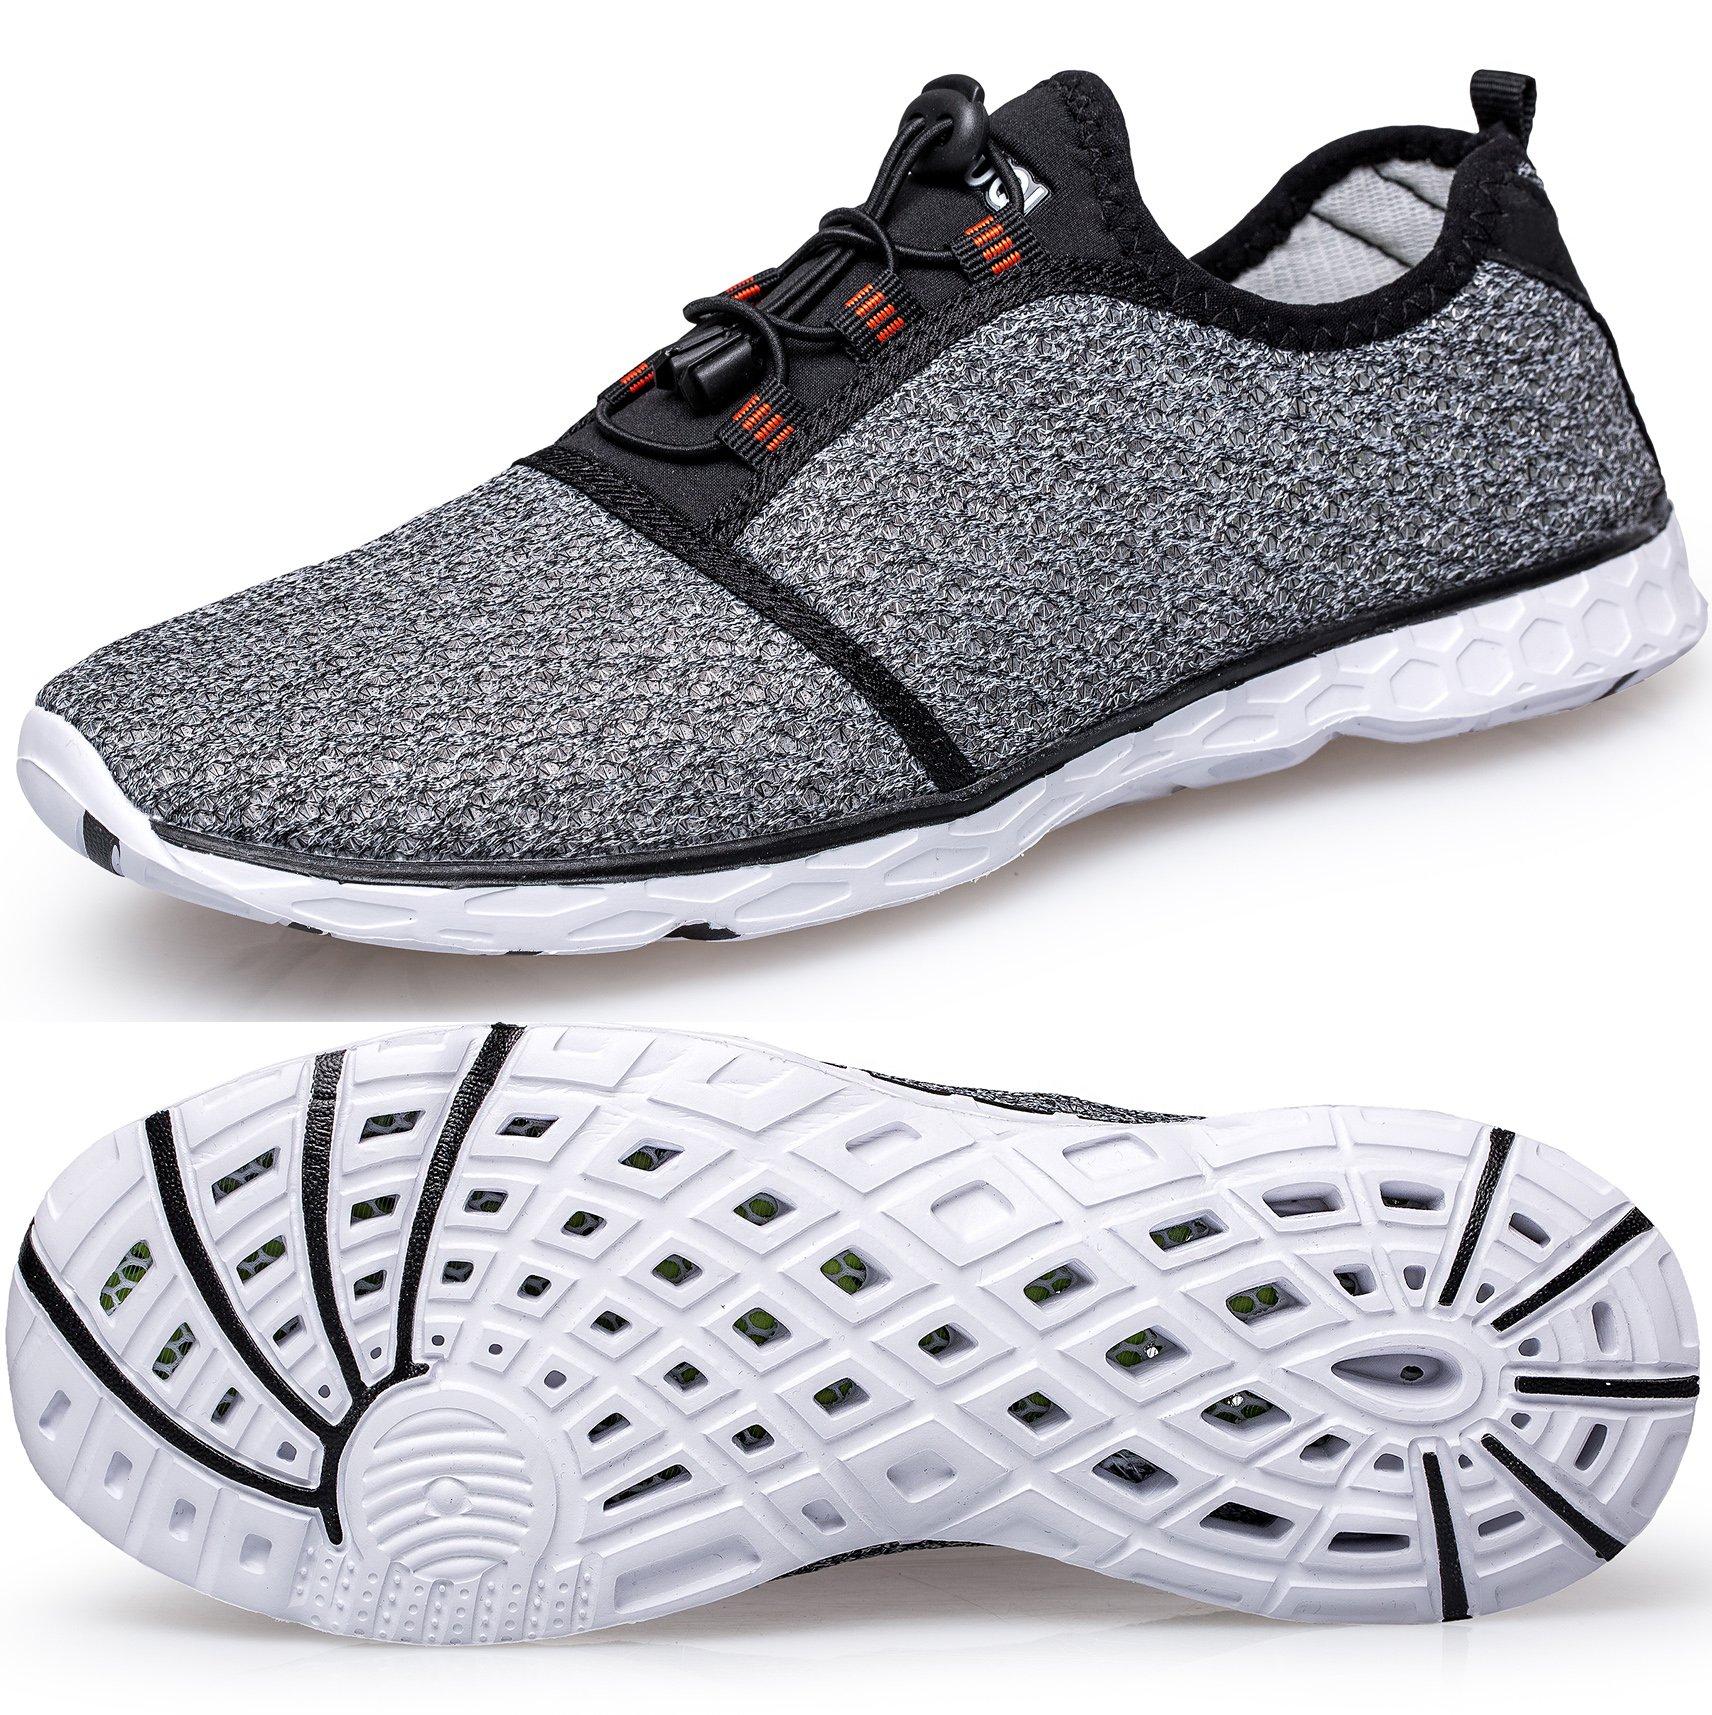 TIANYUQI Women's Mesh Slip On Water Shoes,Gray 2,39EU/8.5US